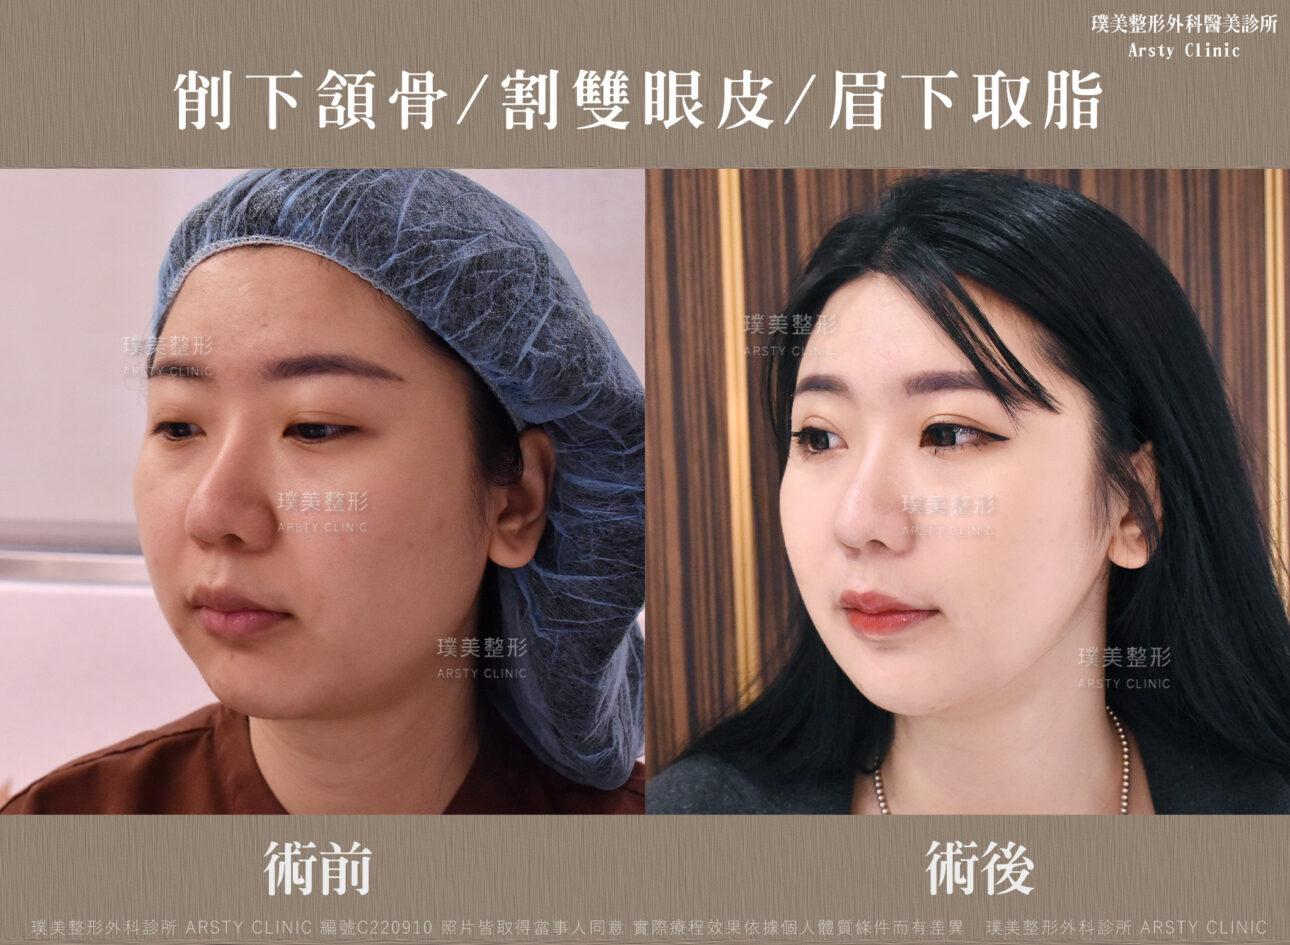 削下頷骨 割雙眼皮 眉下取脂 C220910BA生活4